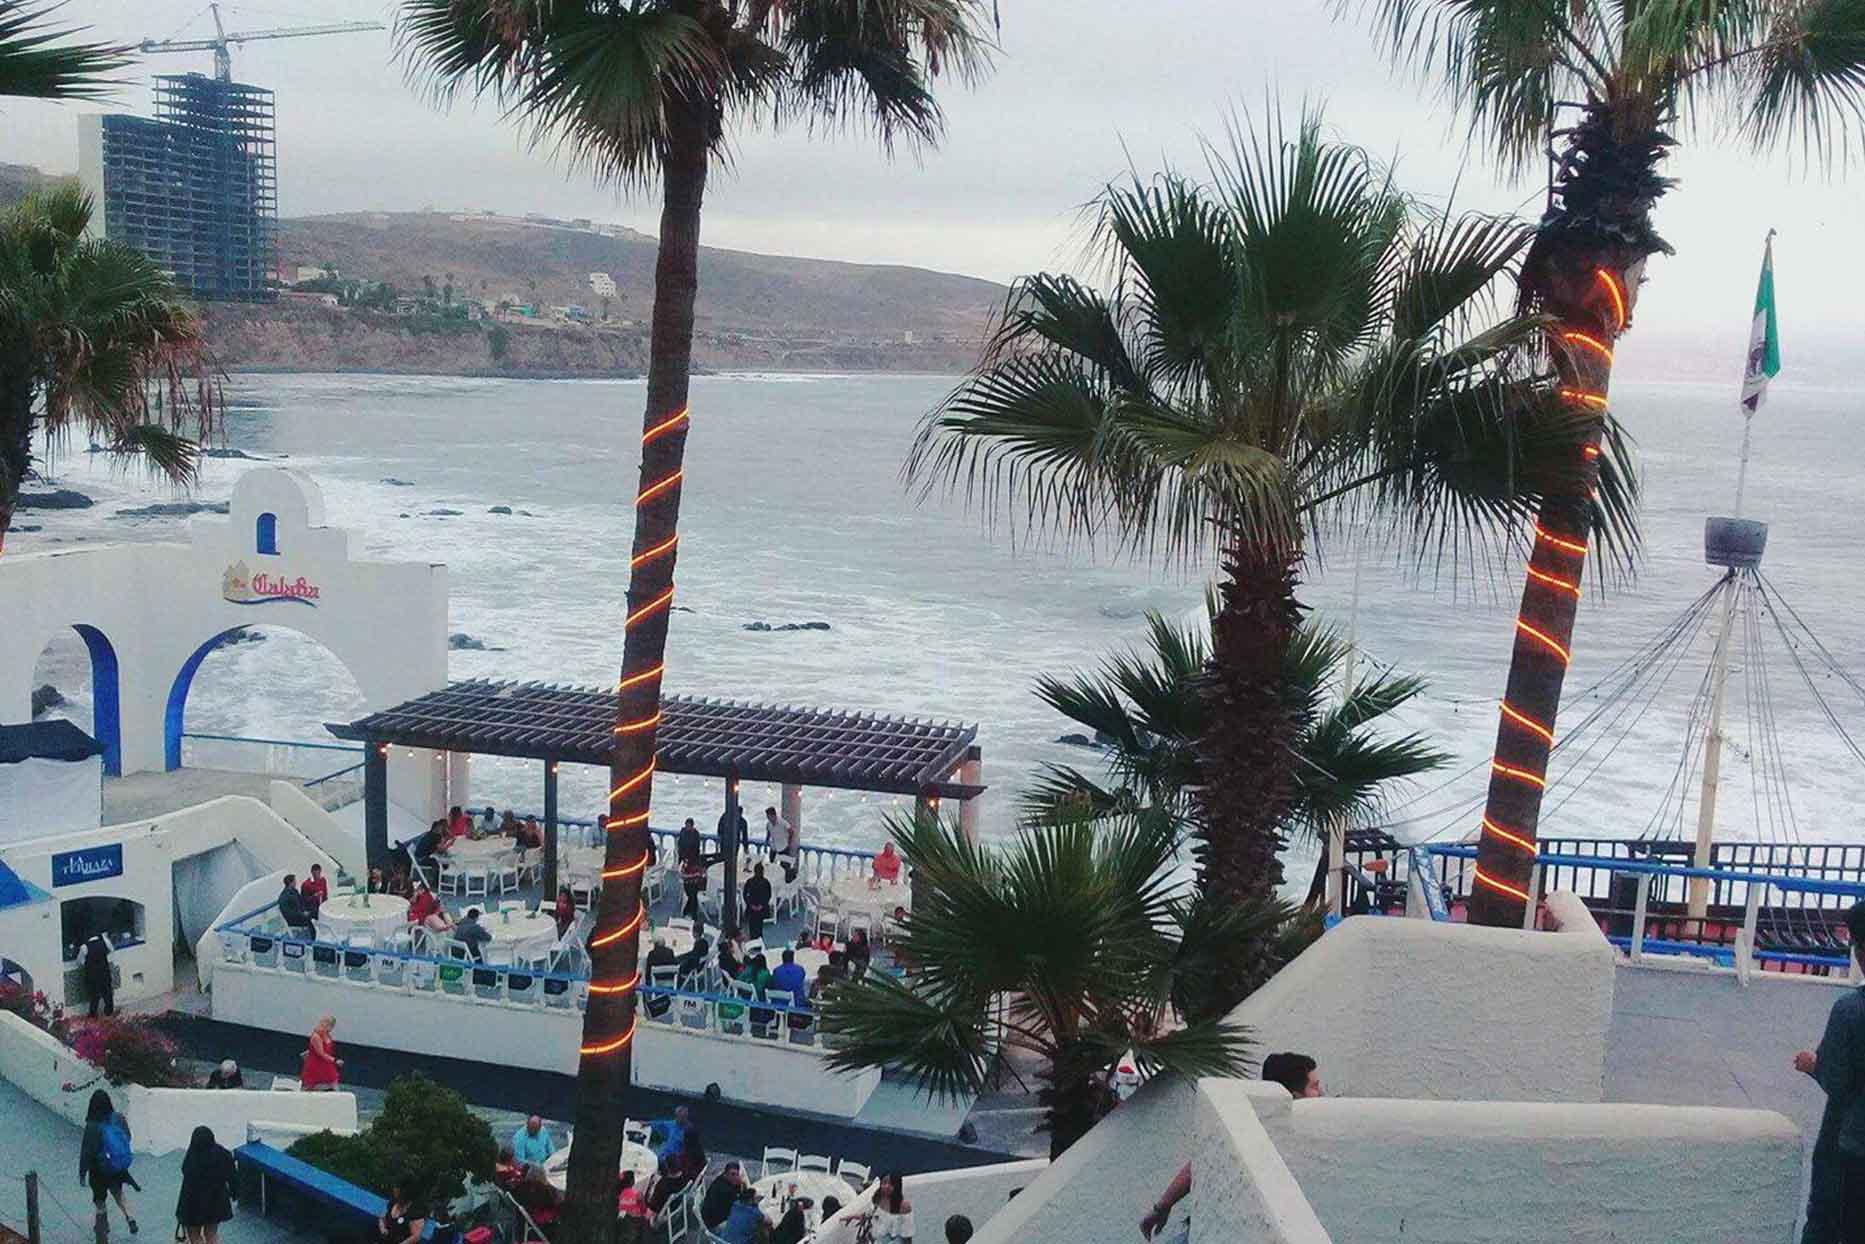 Hotel Calafia restaurant